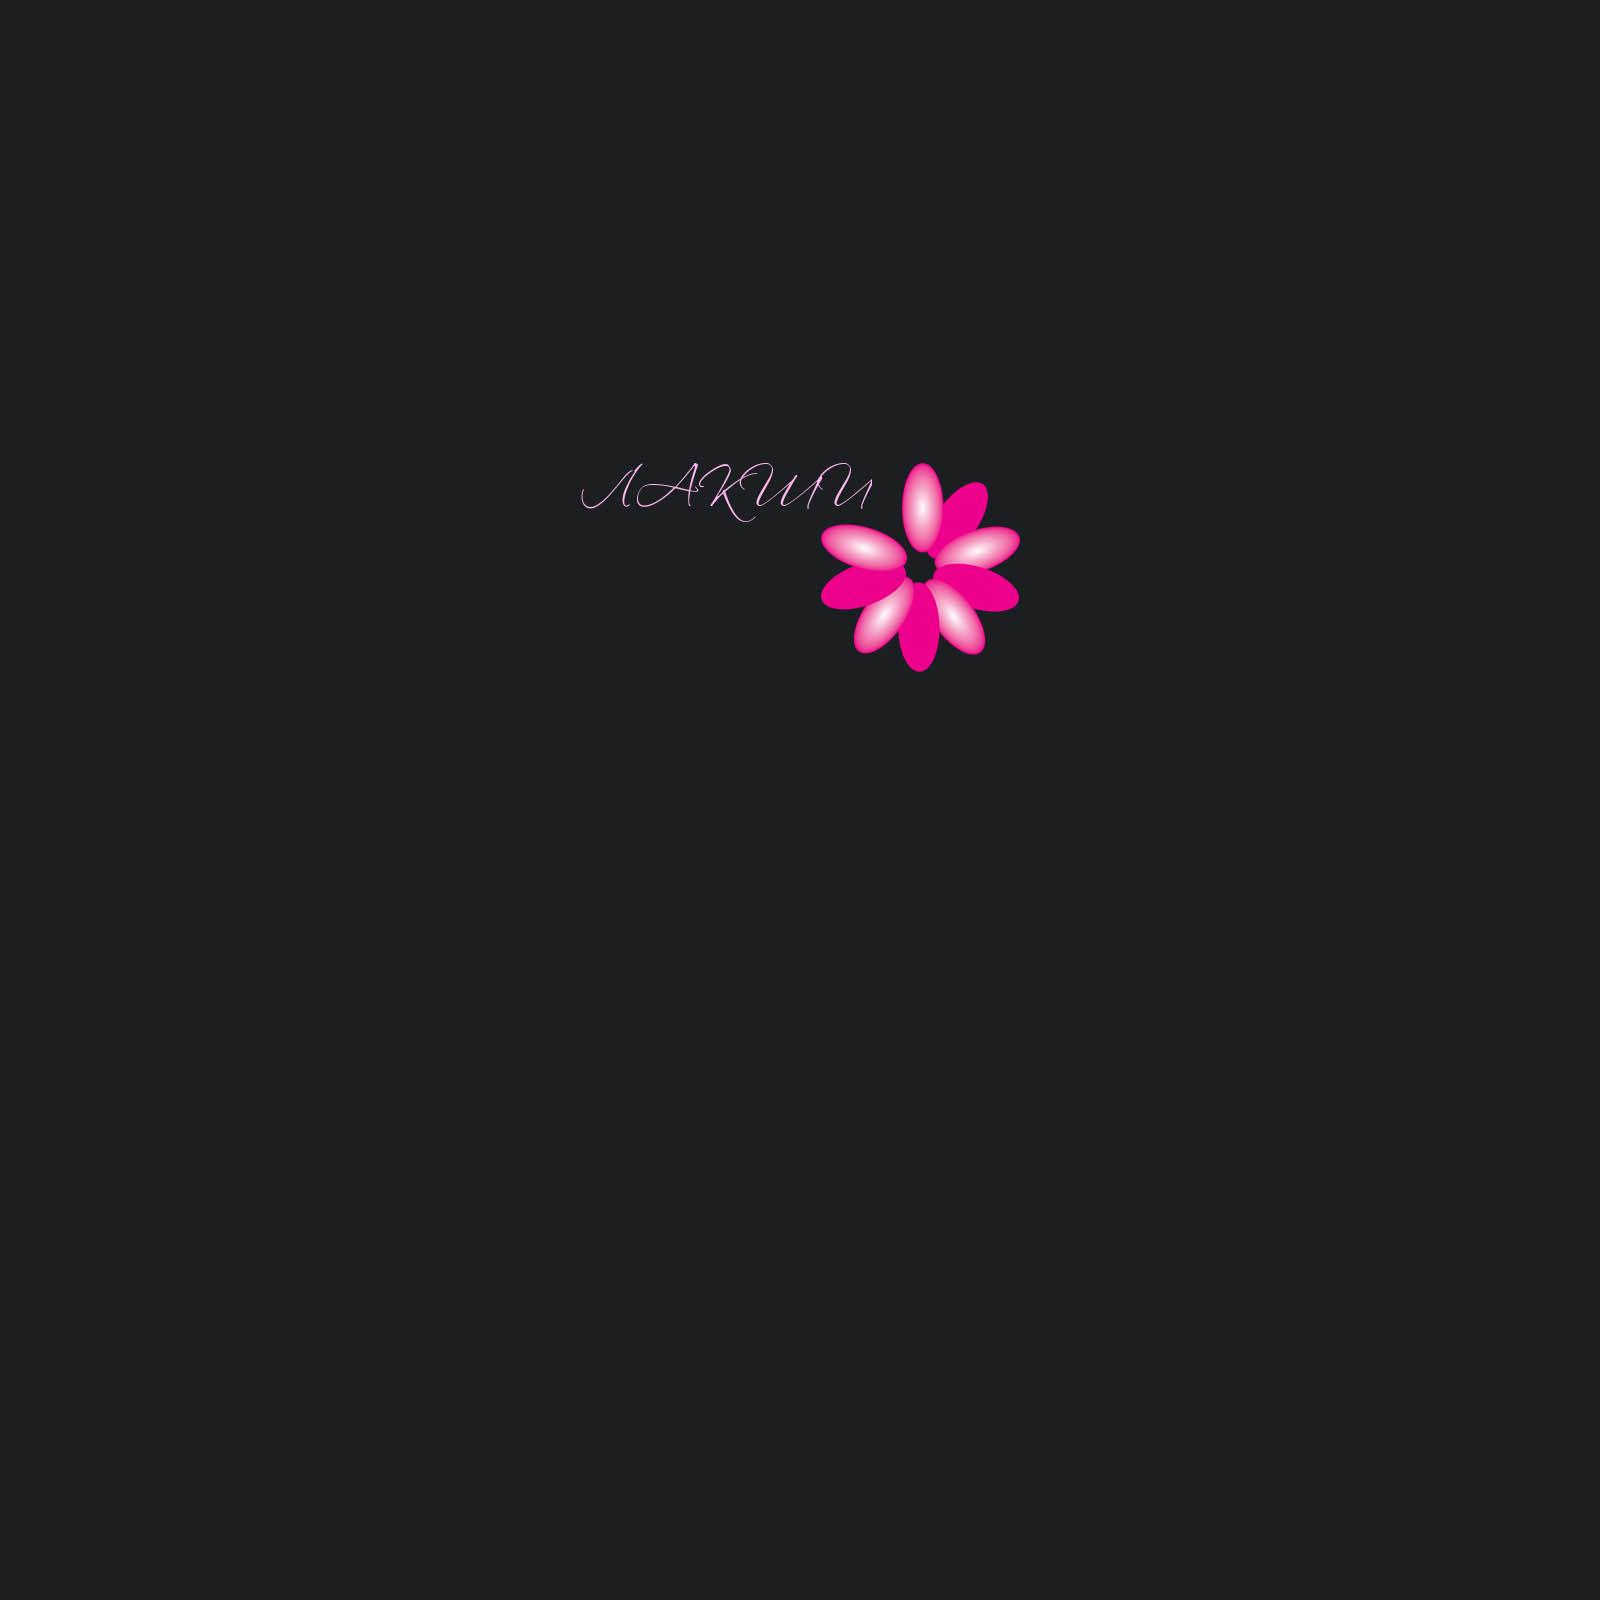 Разработка логотипа фирменного стиля фото f_8025c572eb6f2943.jpg